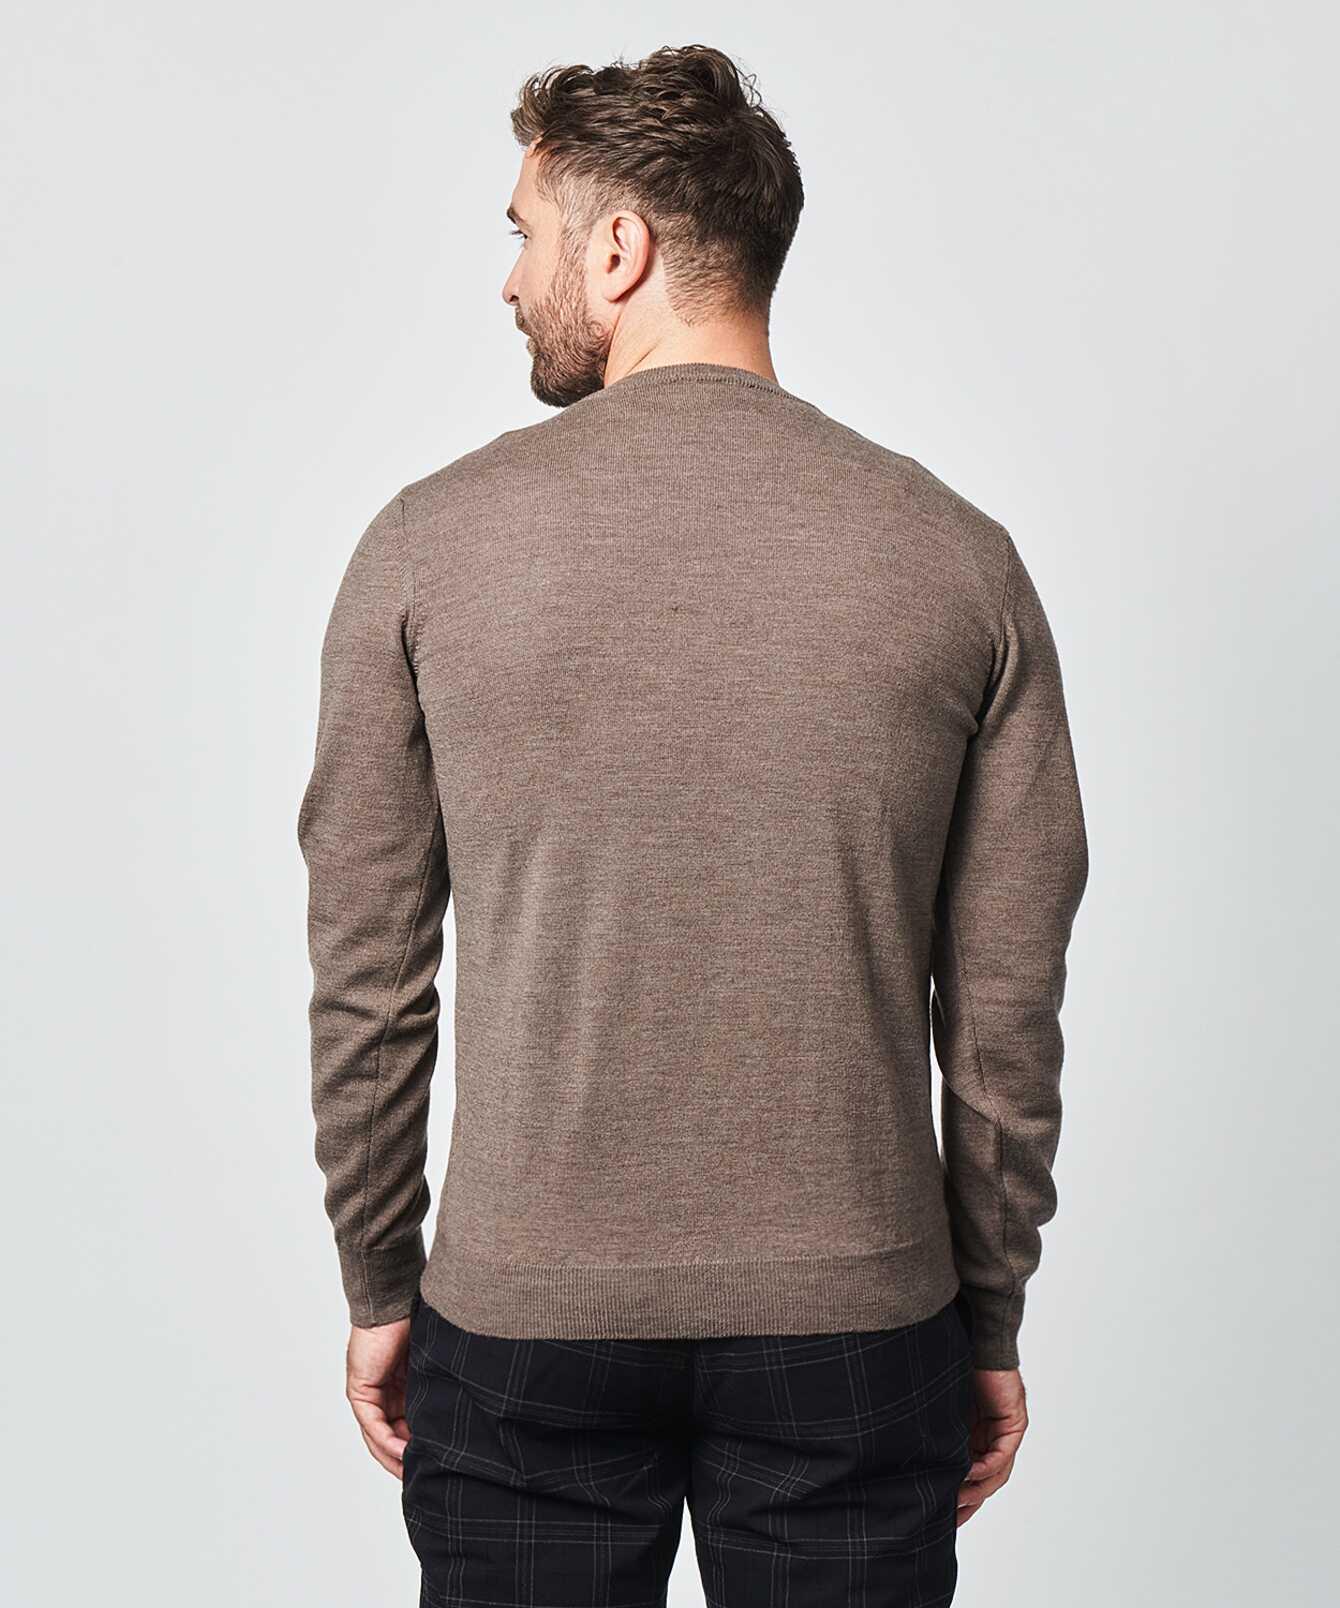 Shirt Crew neck merino brown The Shirt Factory